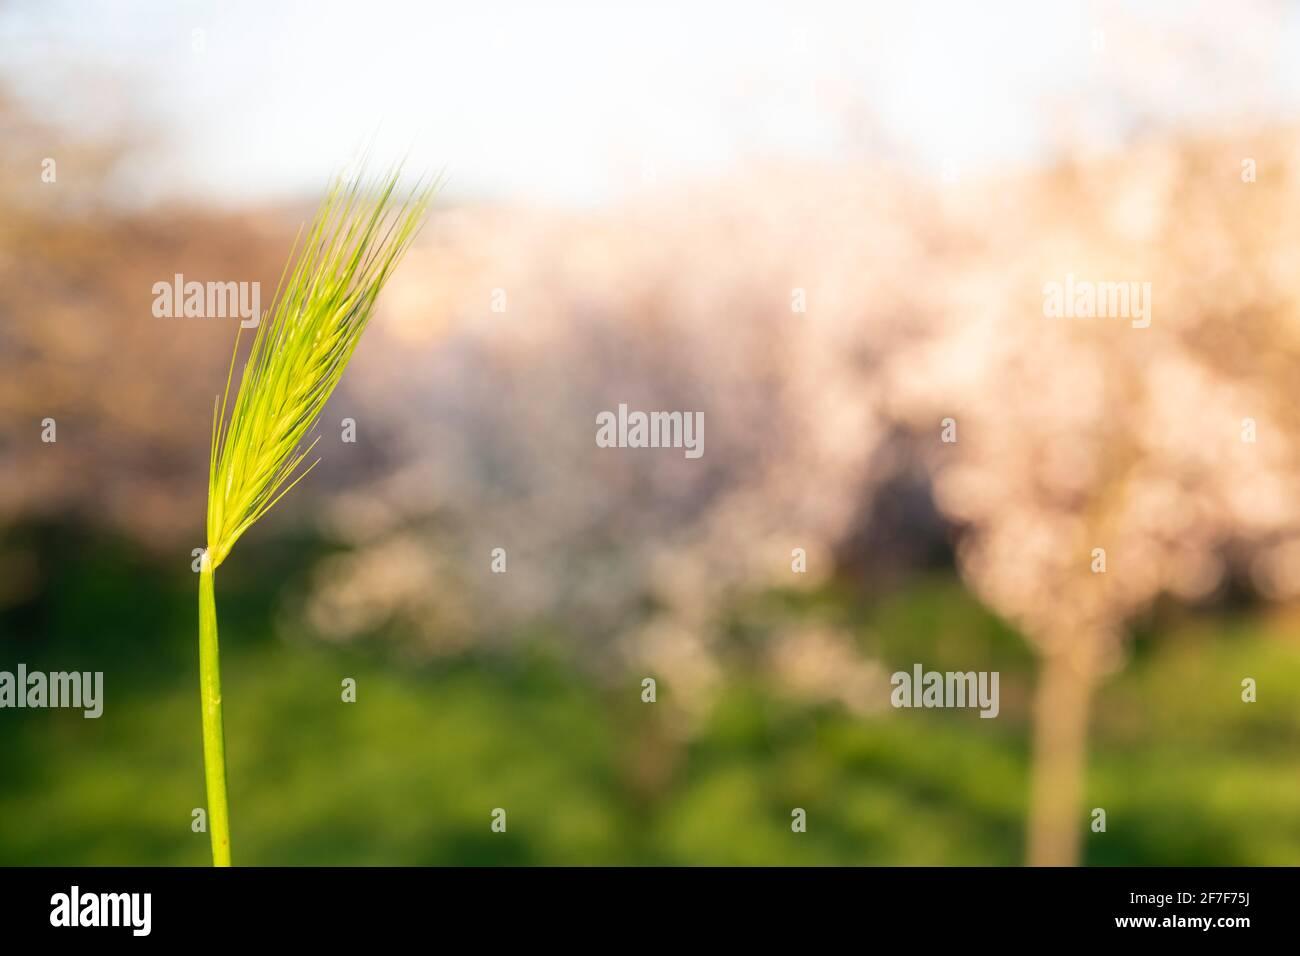 Concetto di primavera e crescita: Vista laterale e primo piano su erba verde in una giornata di sole. Fascio di sole che brilla attraverso le foglie. Crescita economica. Luce diurna. Foto Stock